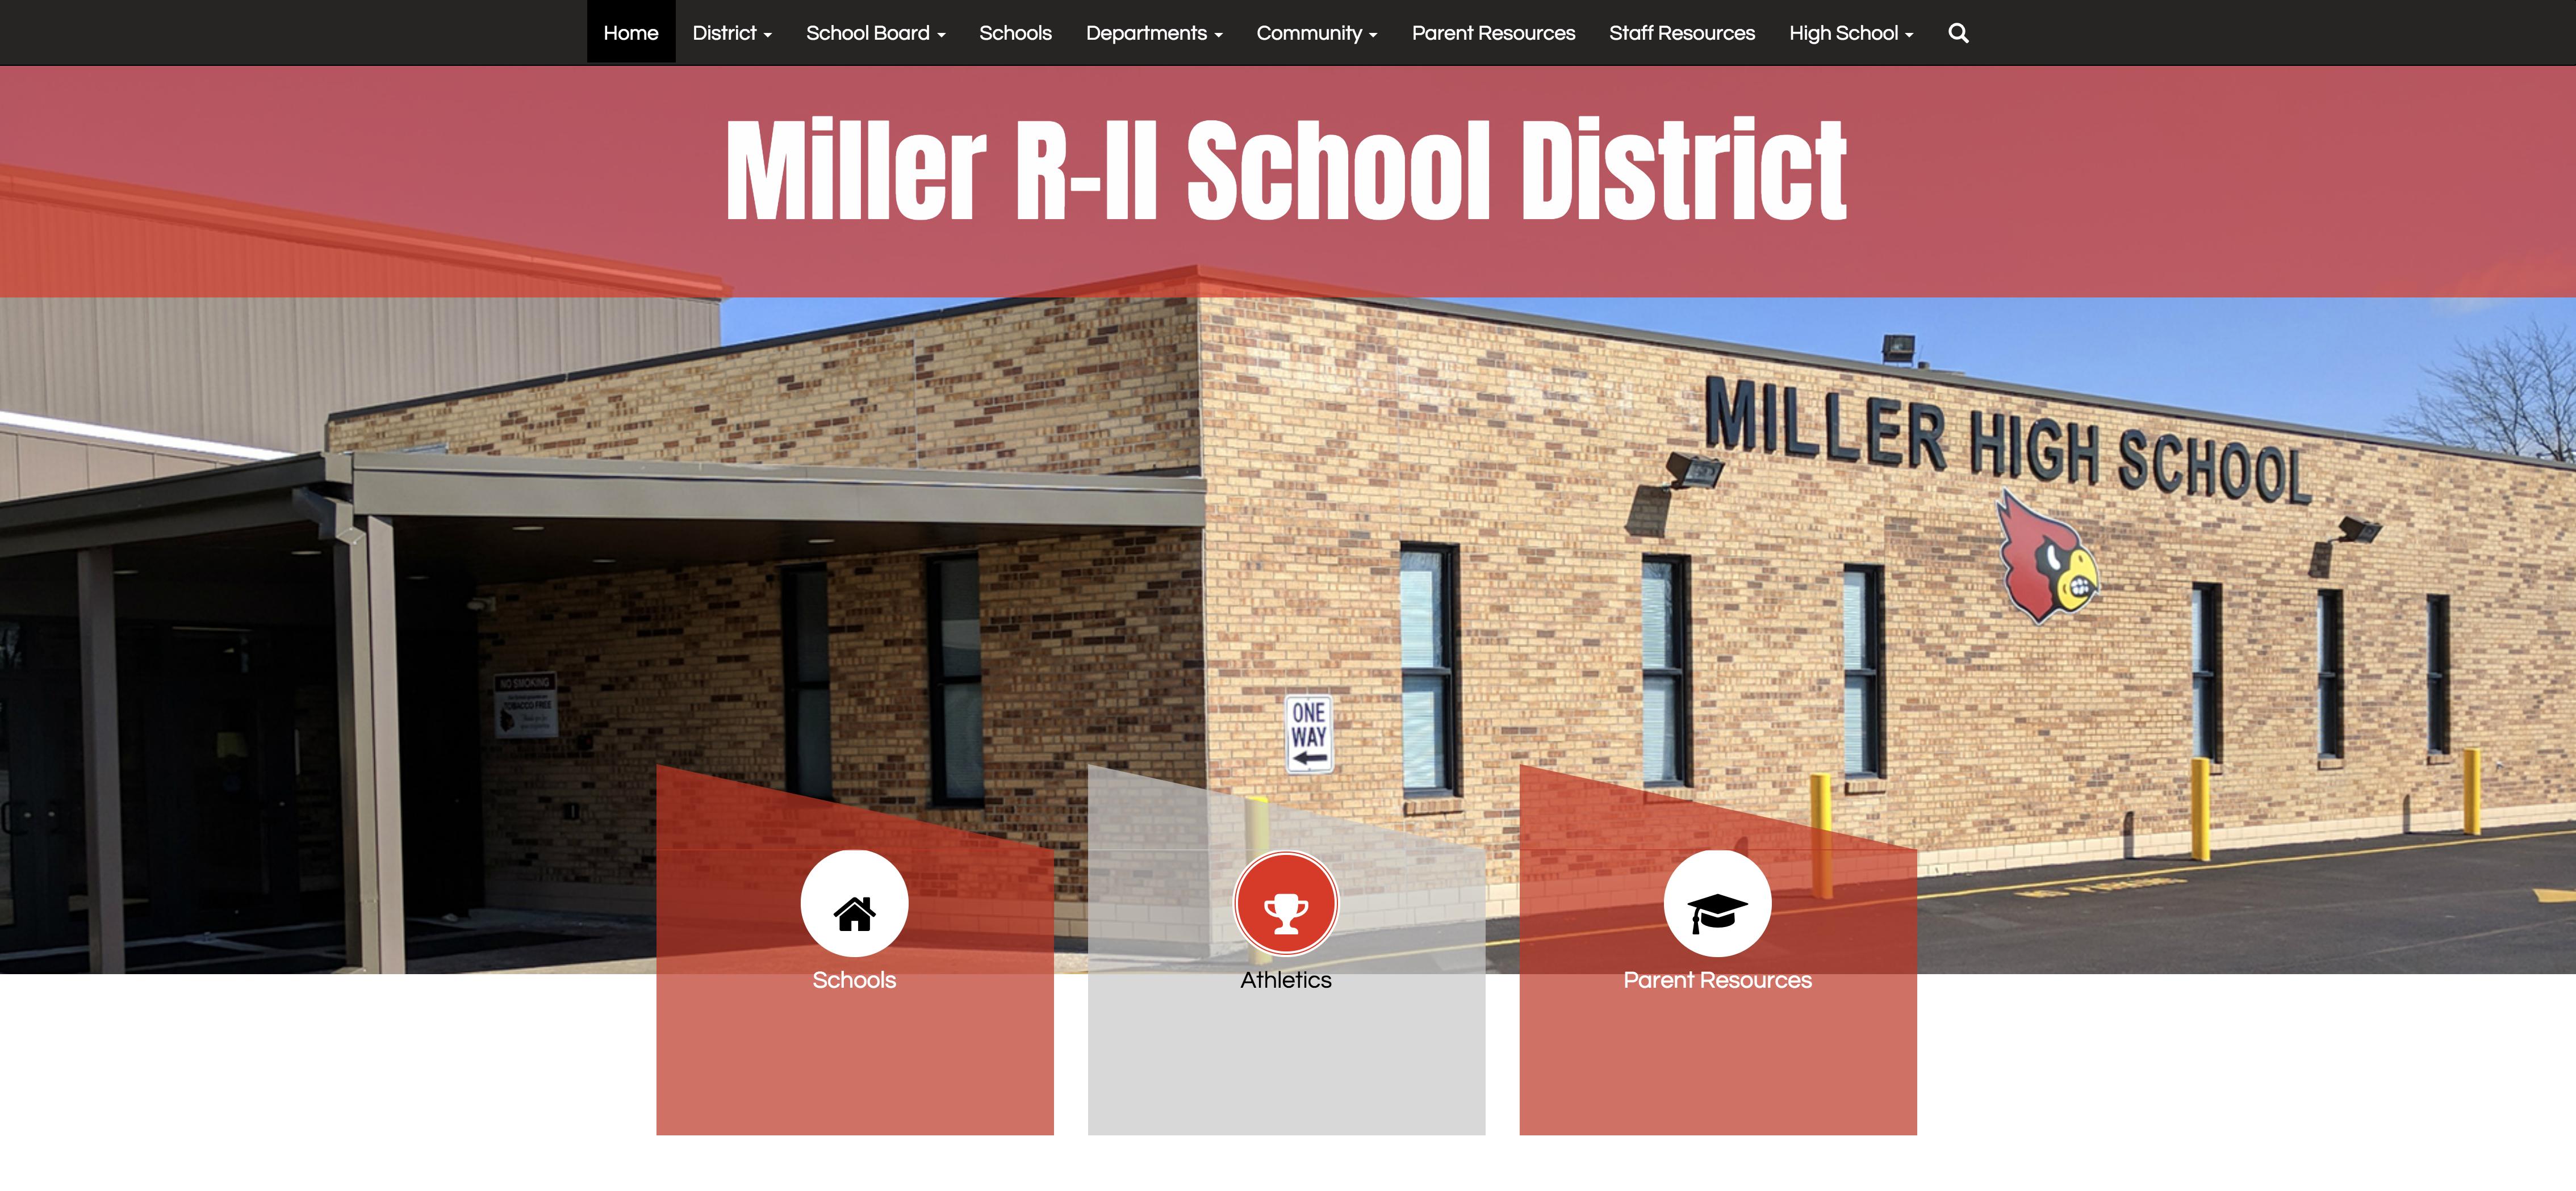 Miller R-II School District